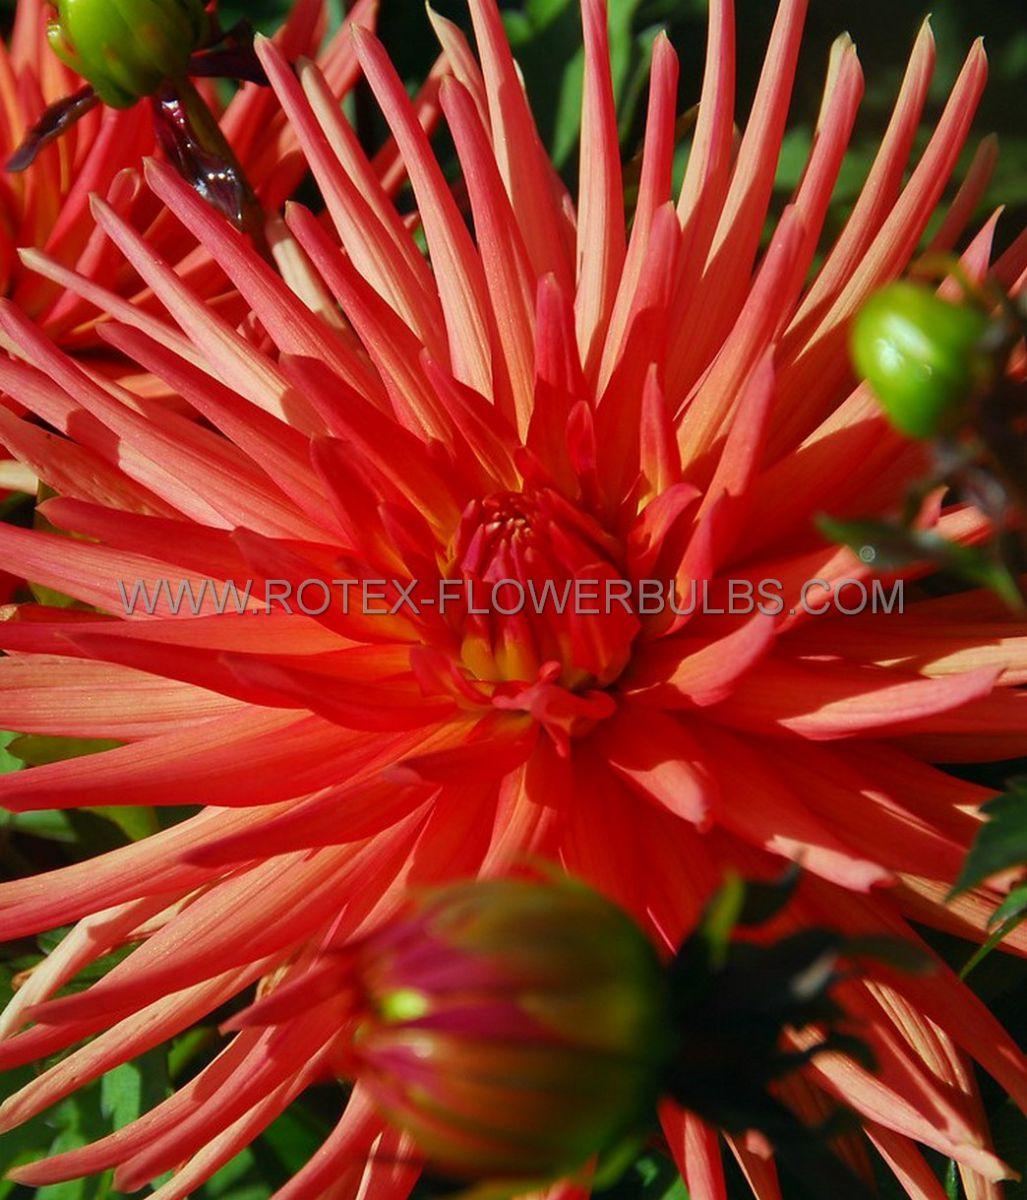 dahlia cactussemicactus park record i 25 pcarton